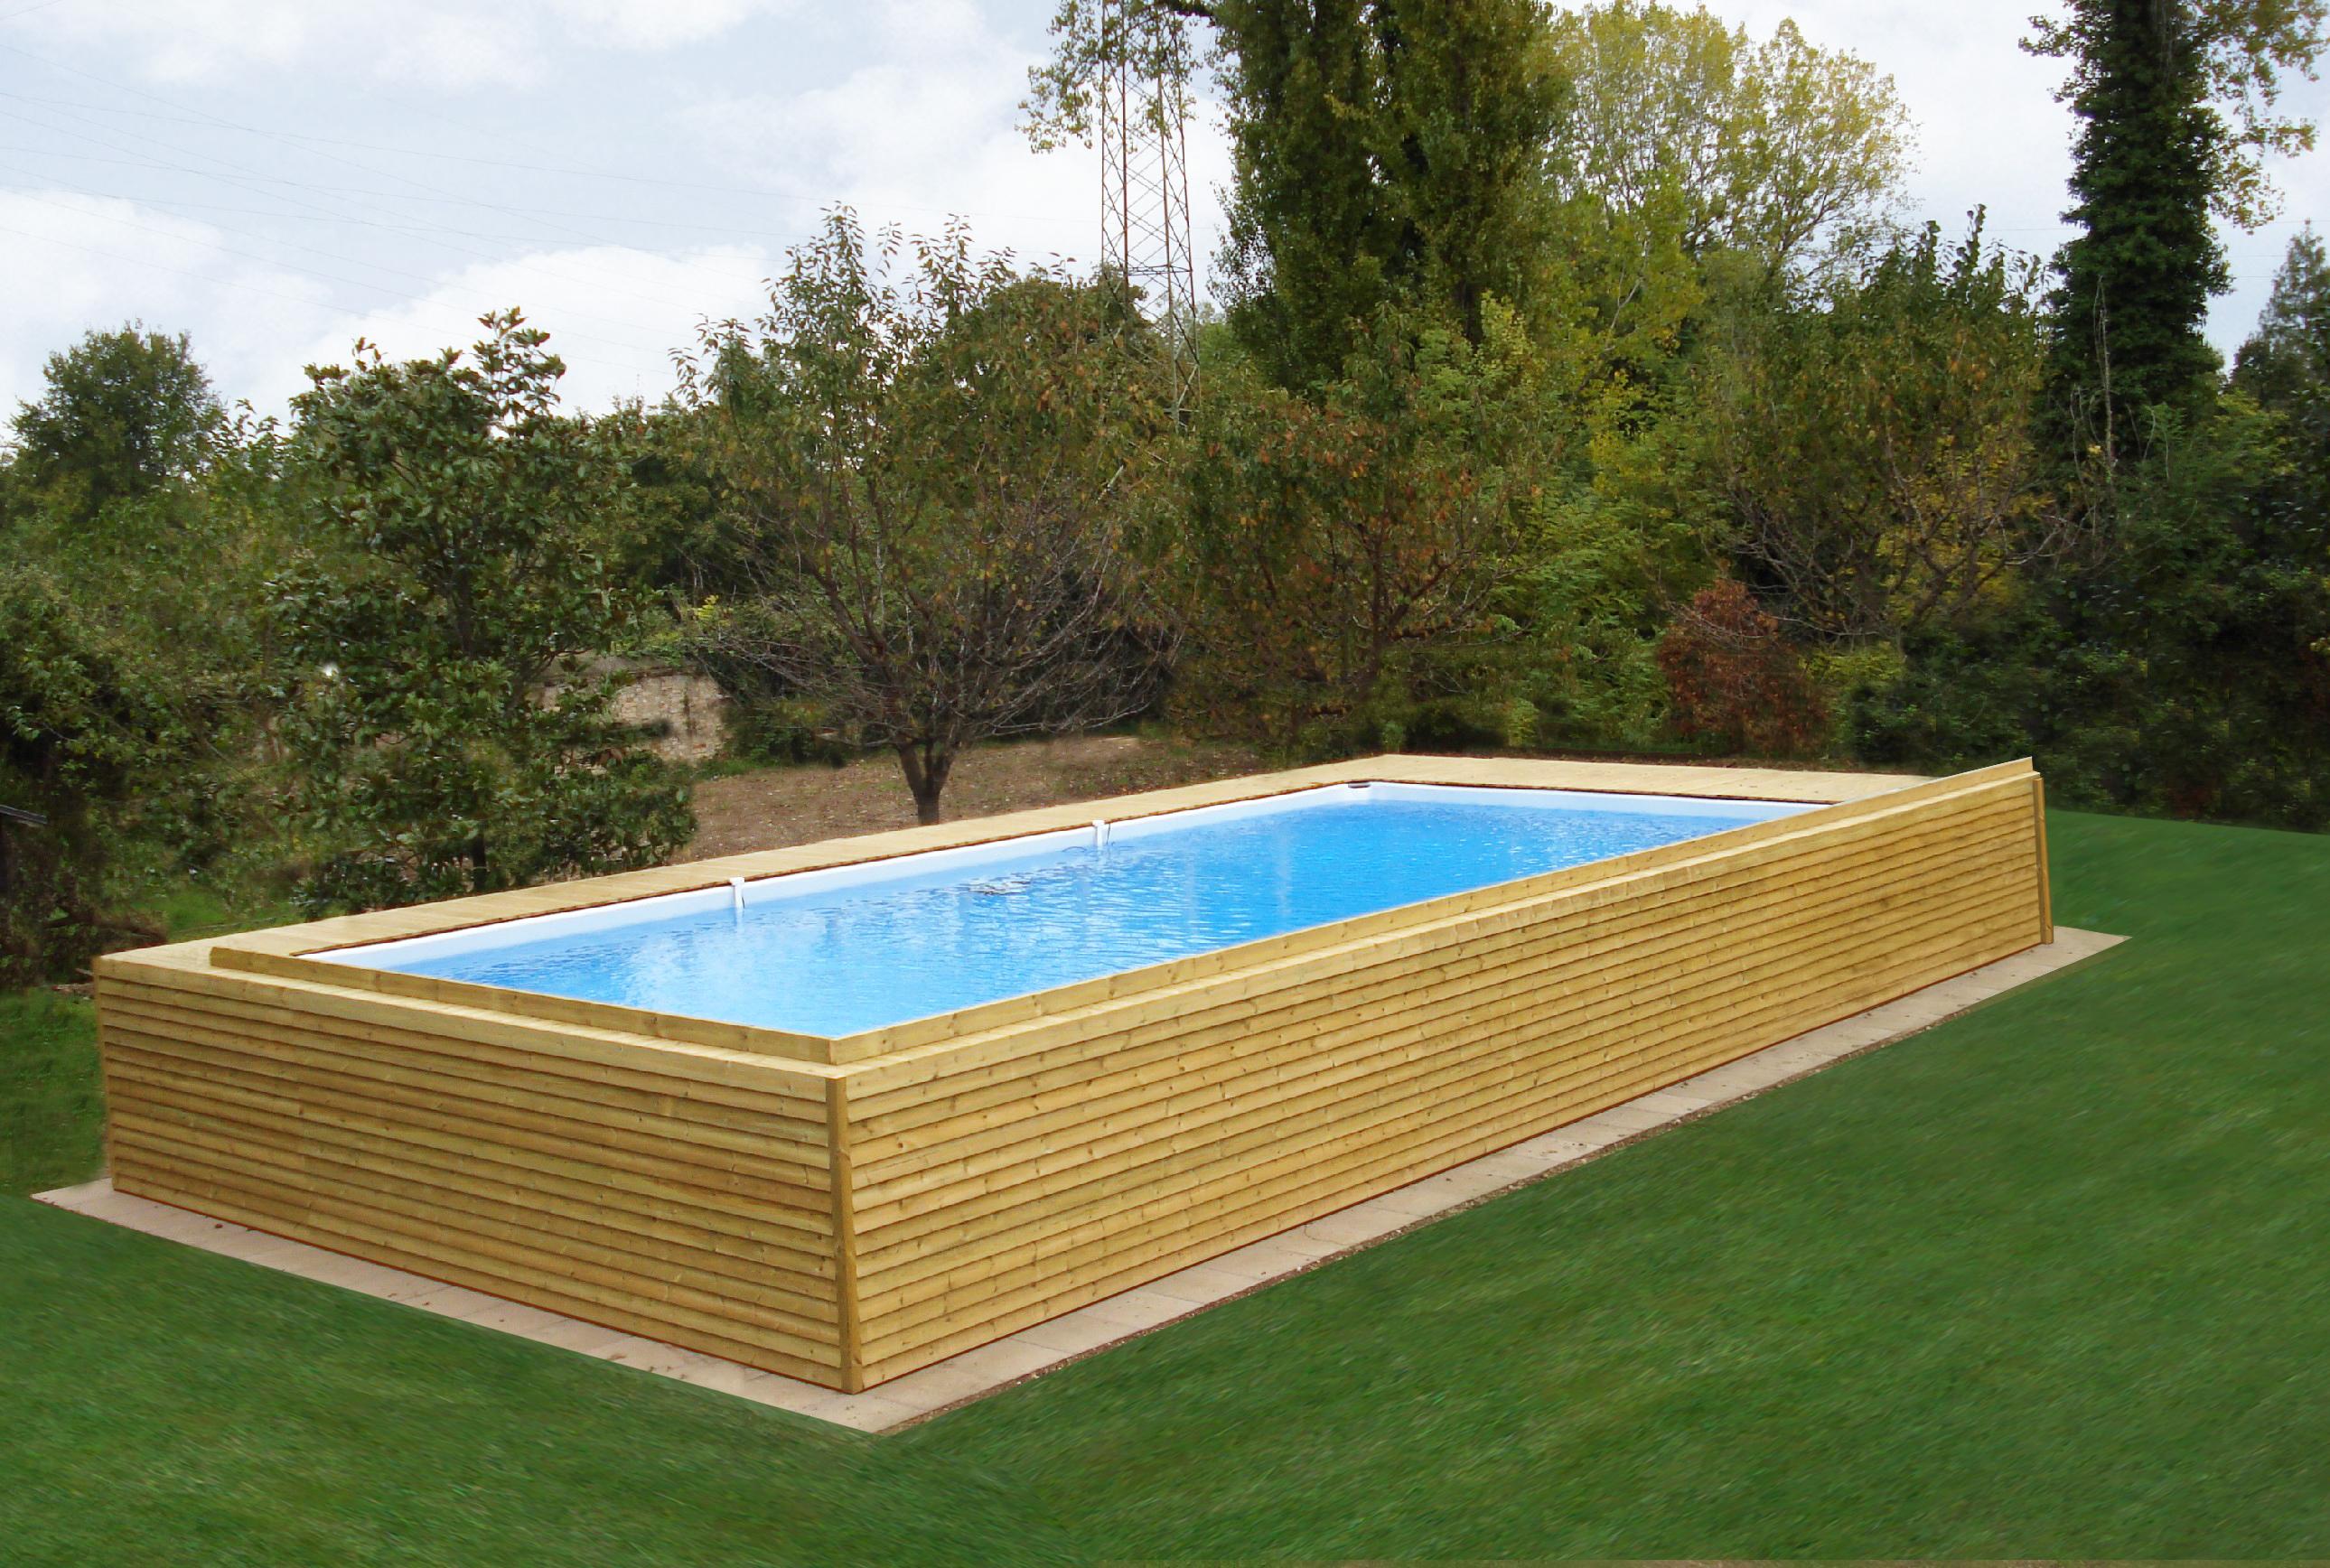 piscina fuori terra con rivestimento in legno